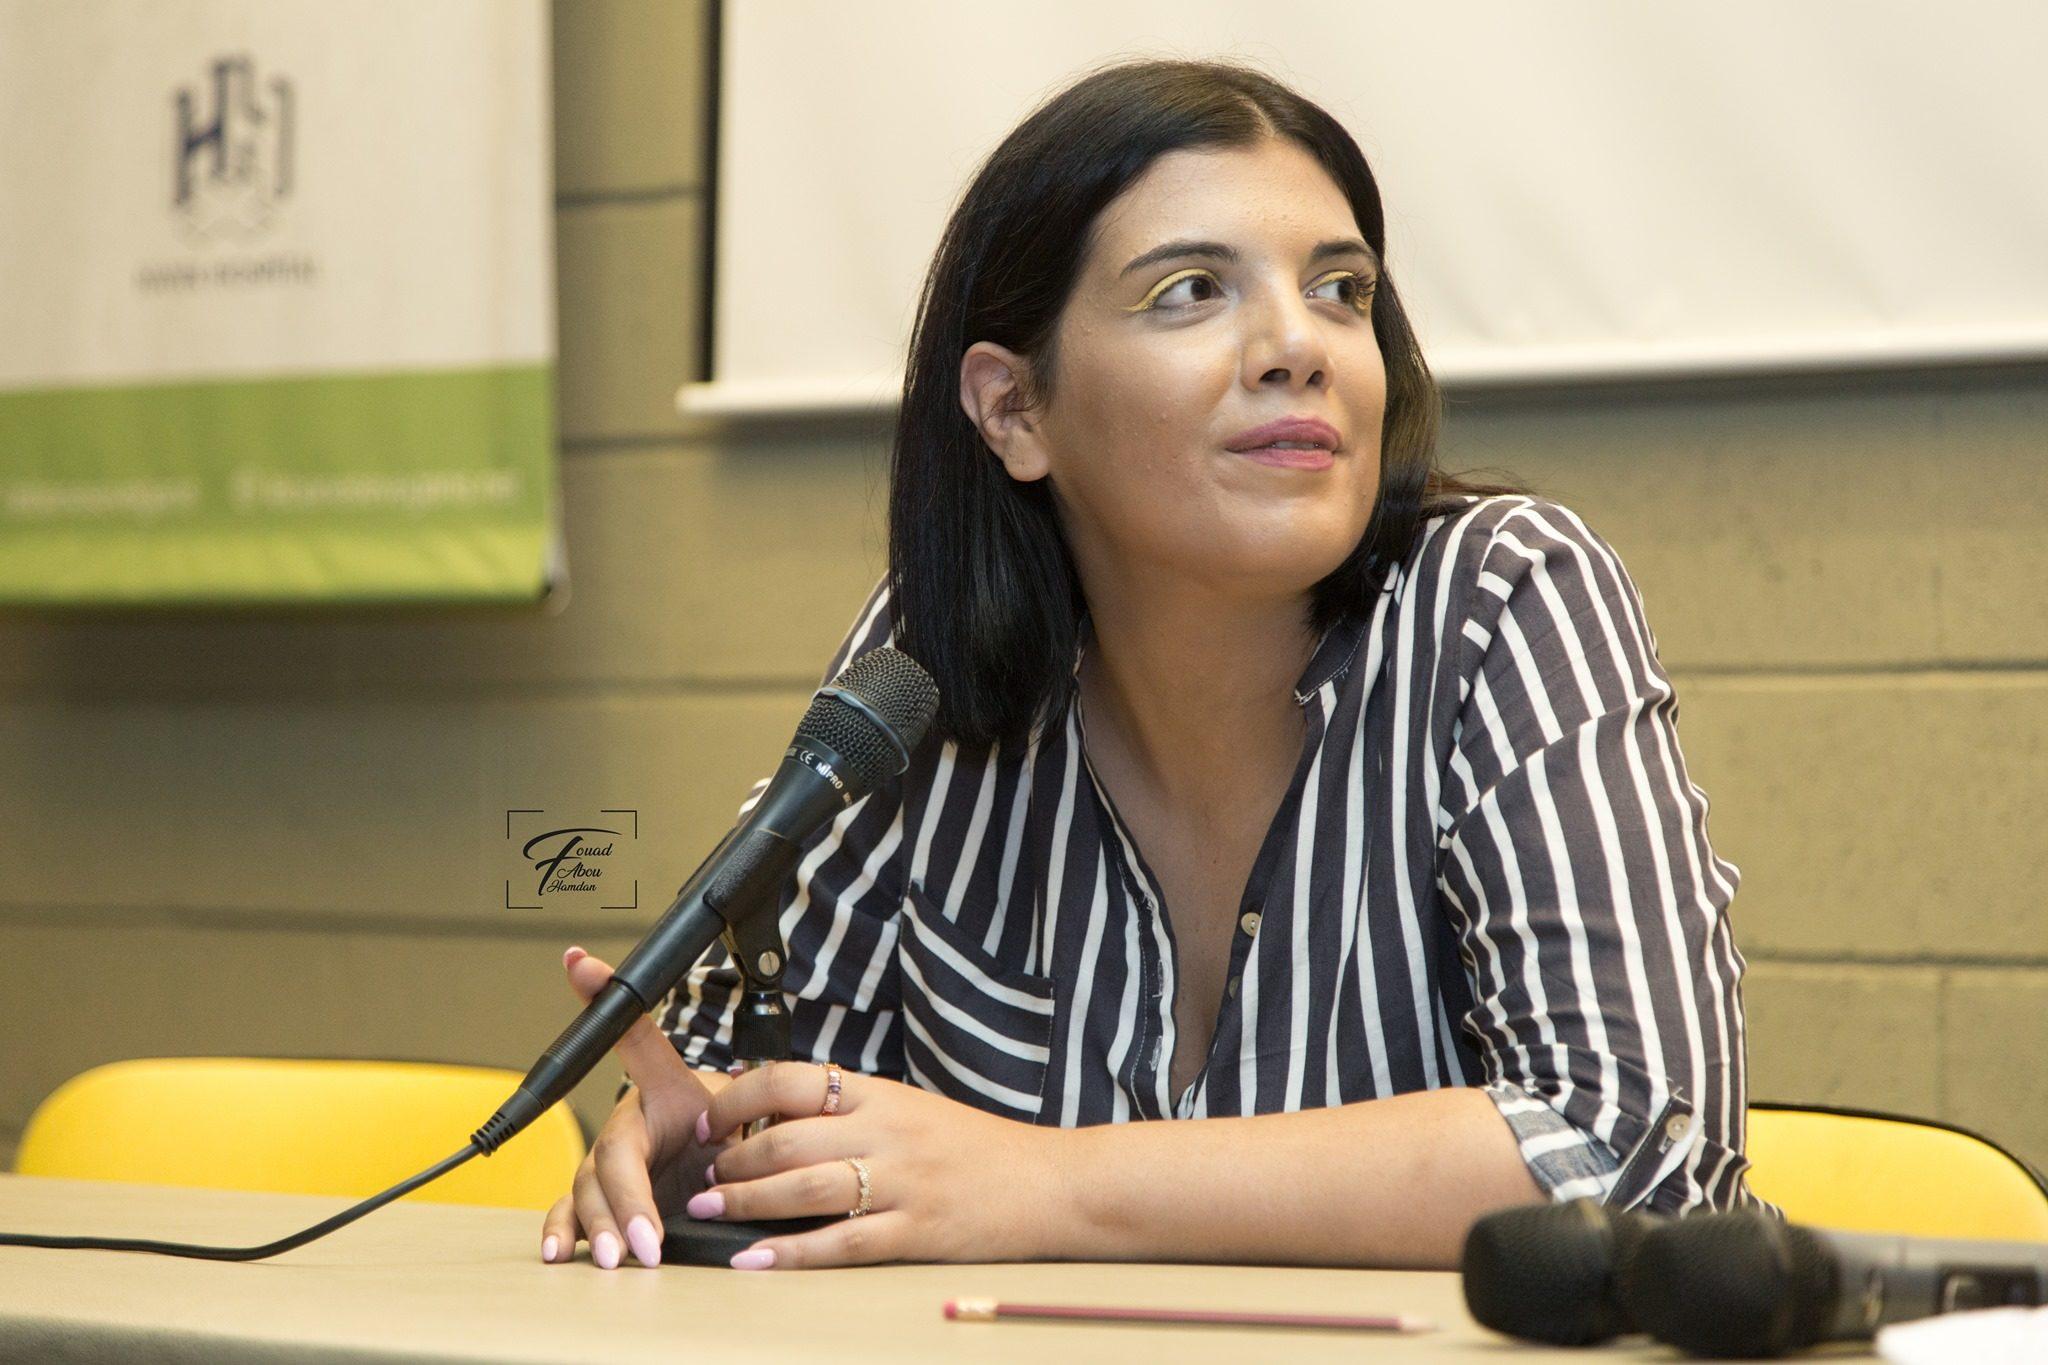 Rachelle Kayrouz - what the health